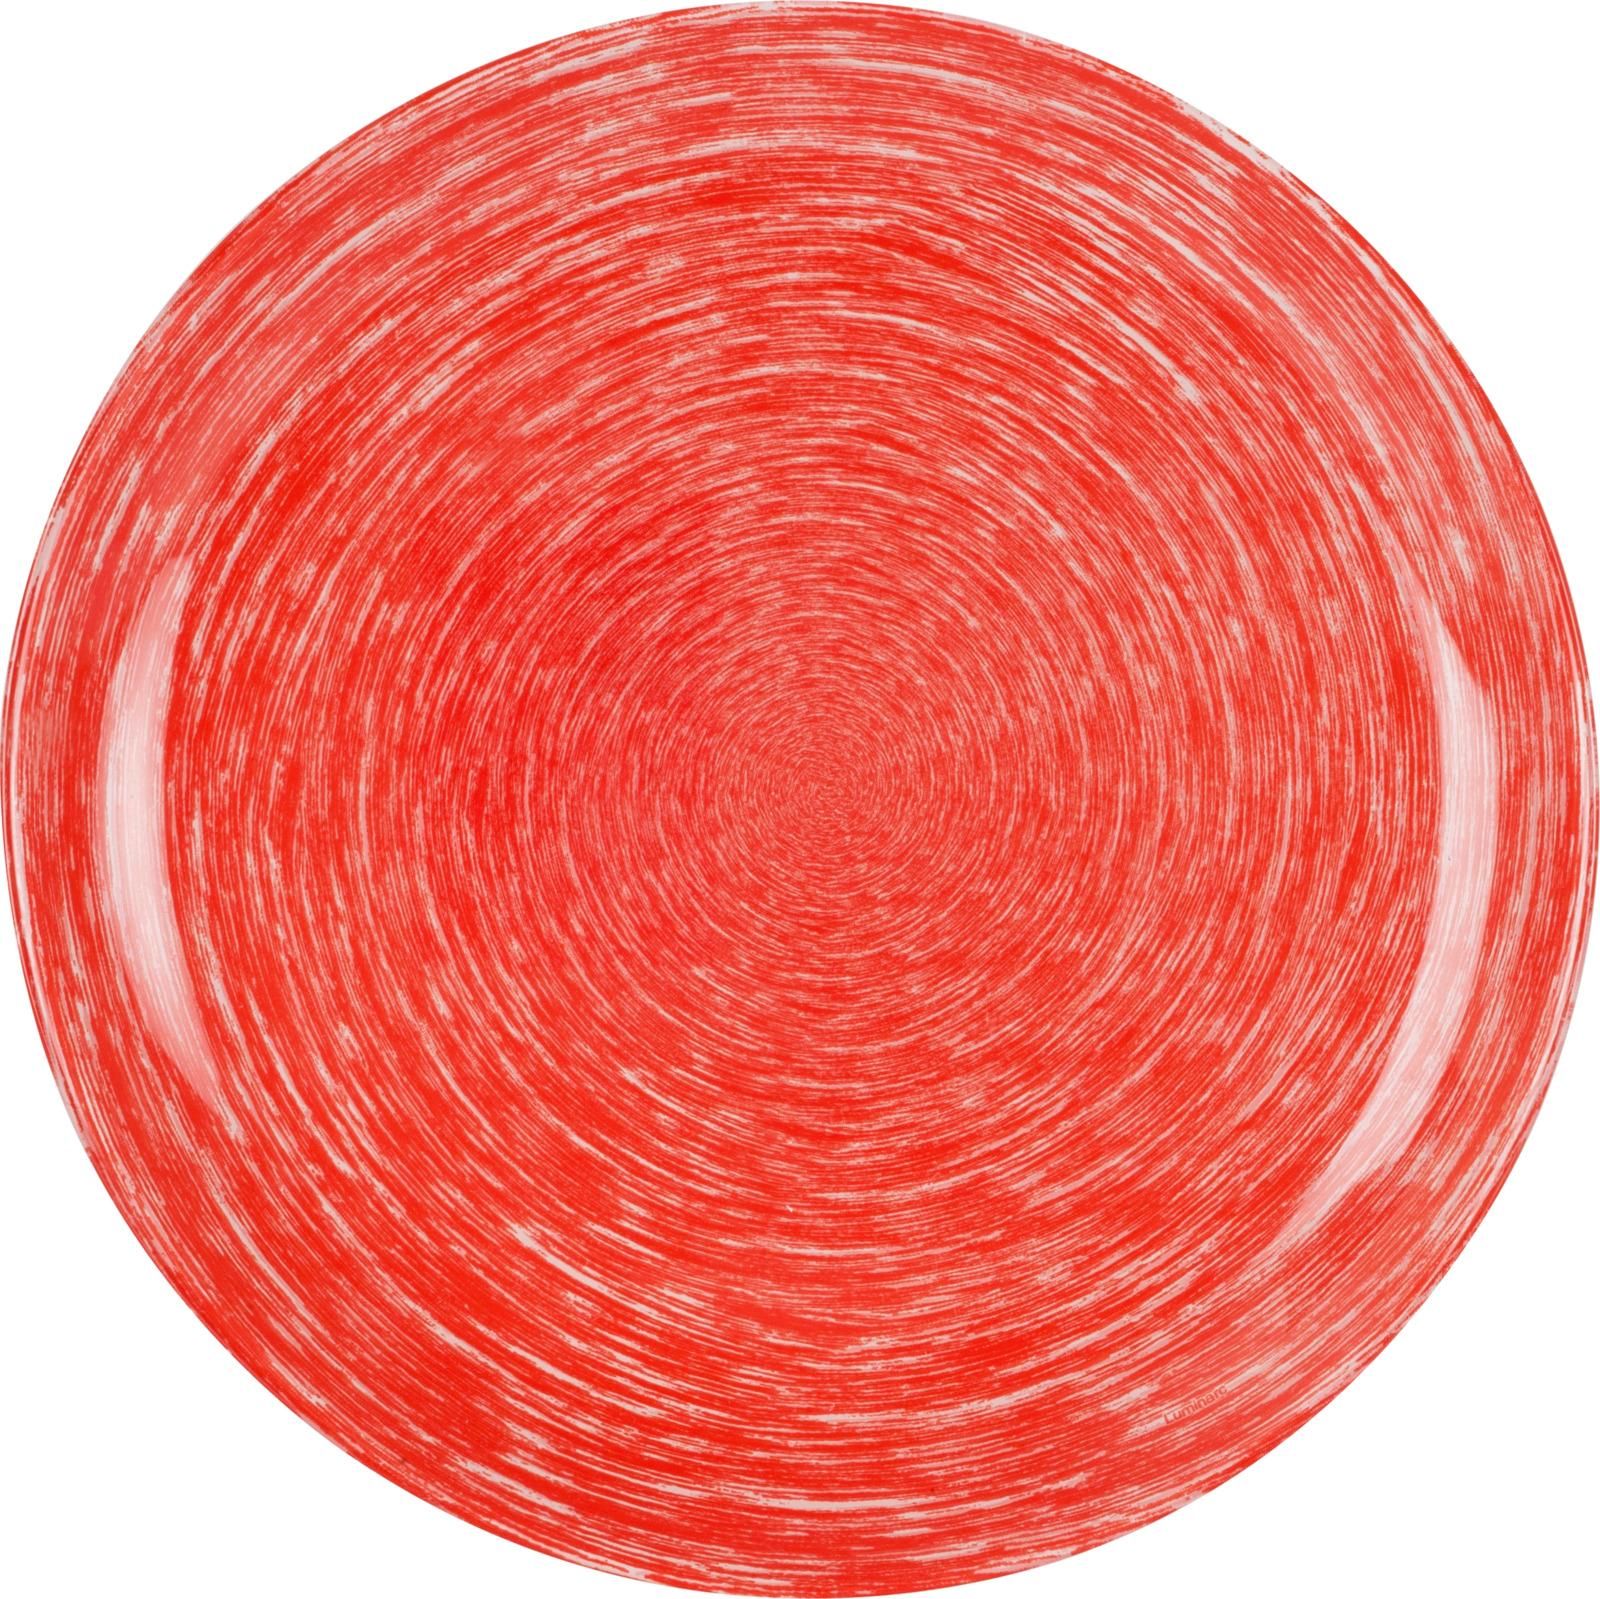 Тарелка Luminarc Брашмания, P1400, красный, диаметр 26 смP1400ТарелкаLuminarcБрашмания подойдет для сервировки вторых блюд из птицы, рыбы, мяса или овощей, а также станет отличным подарком к любому празднику.